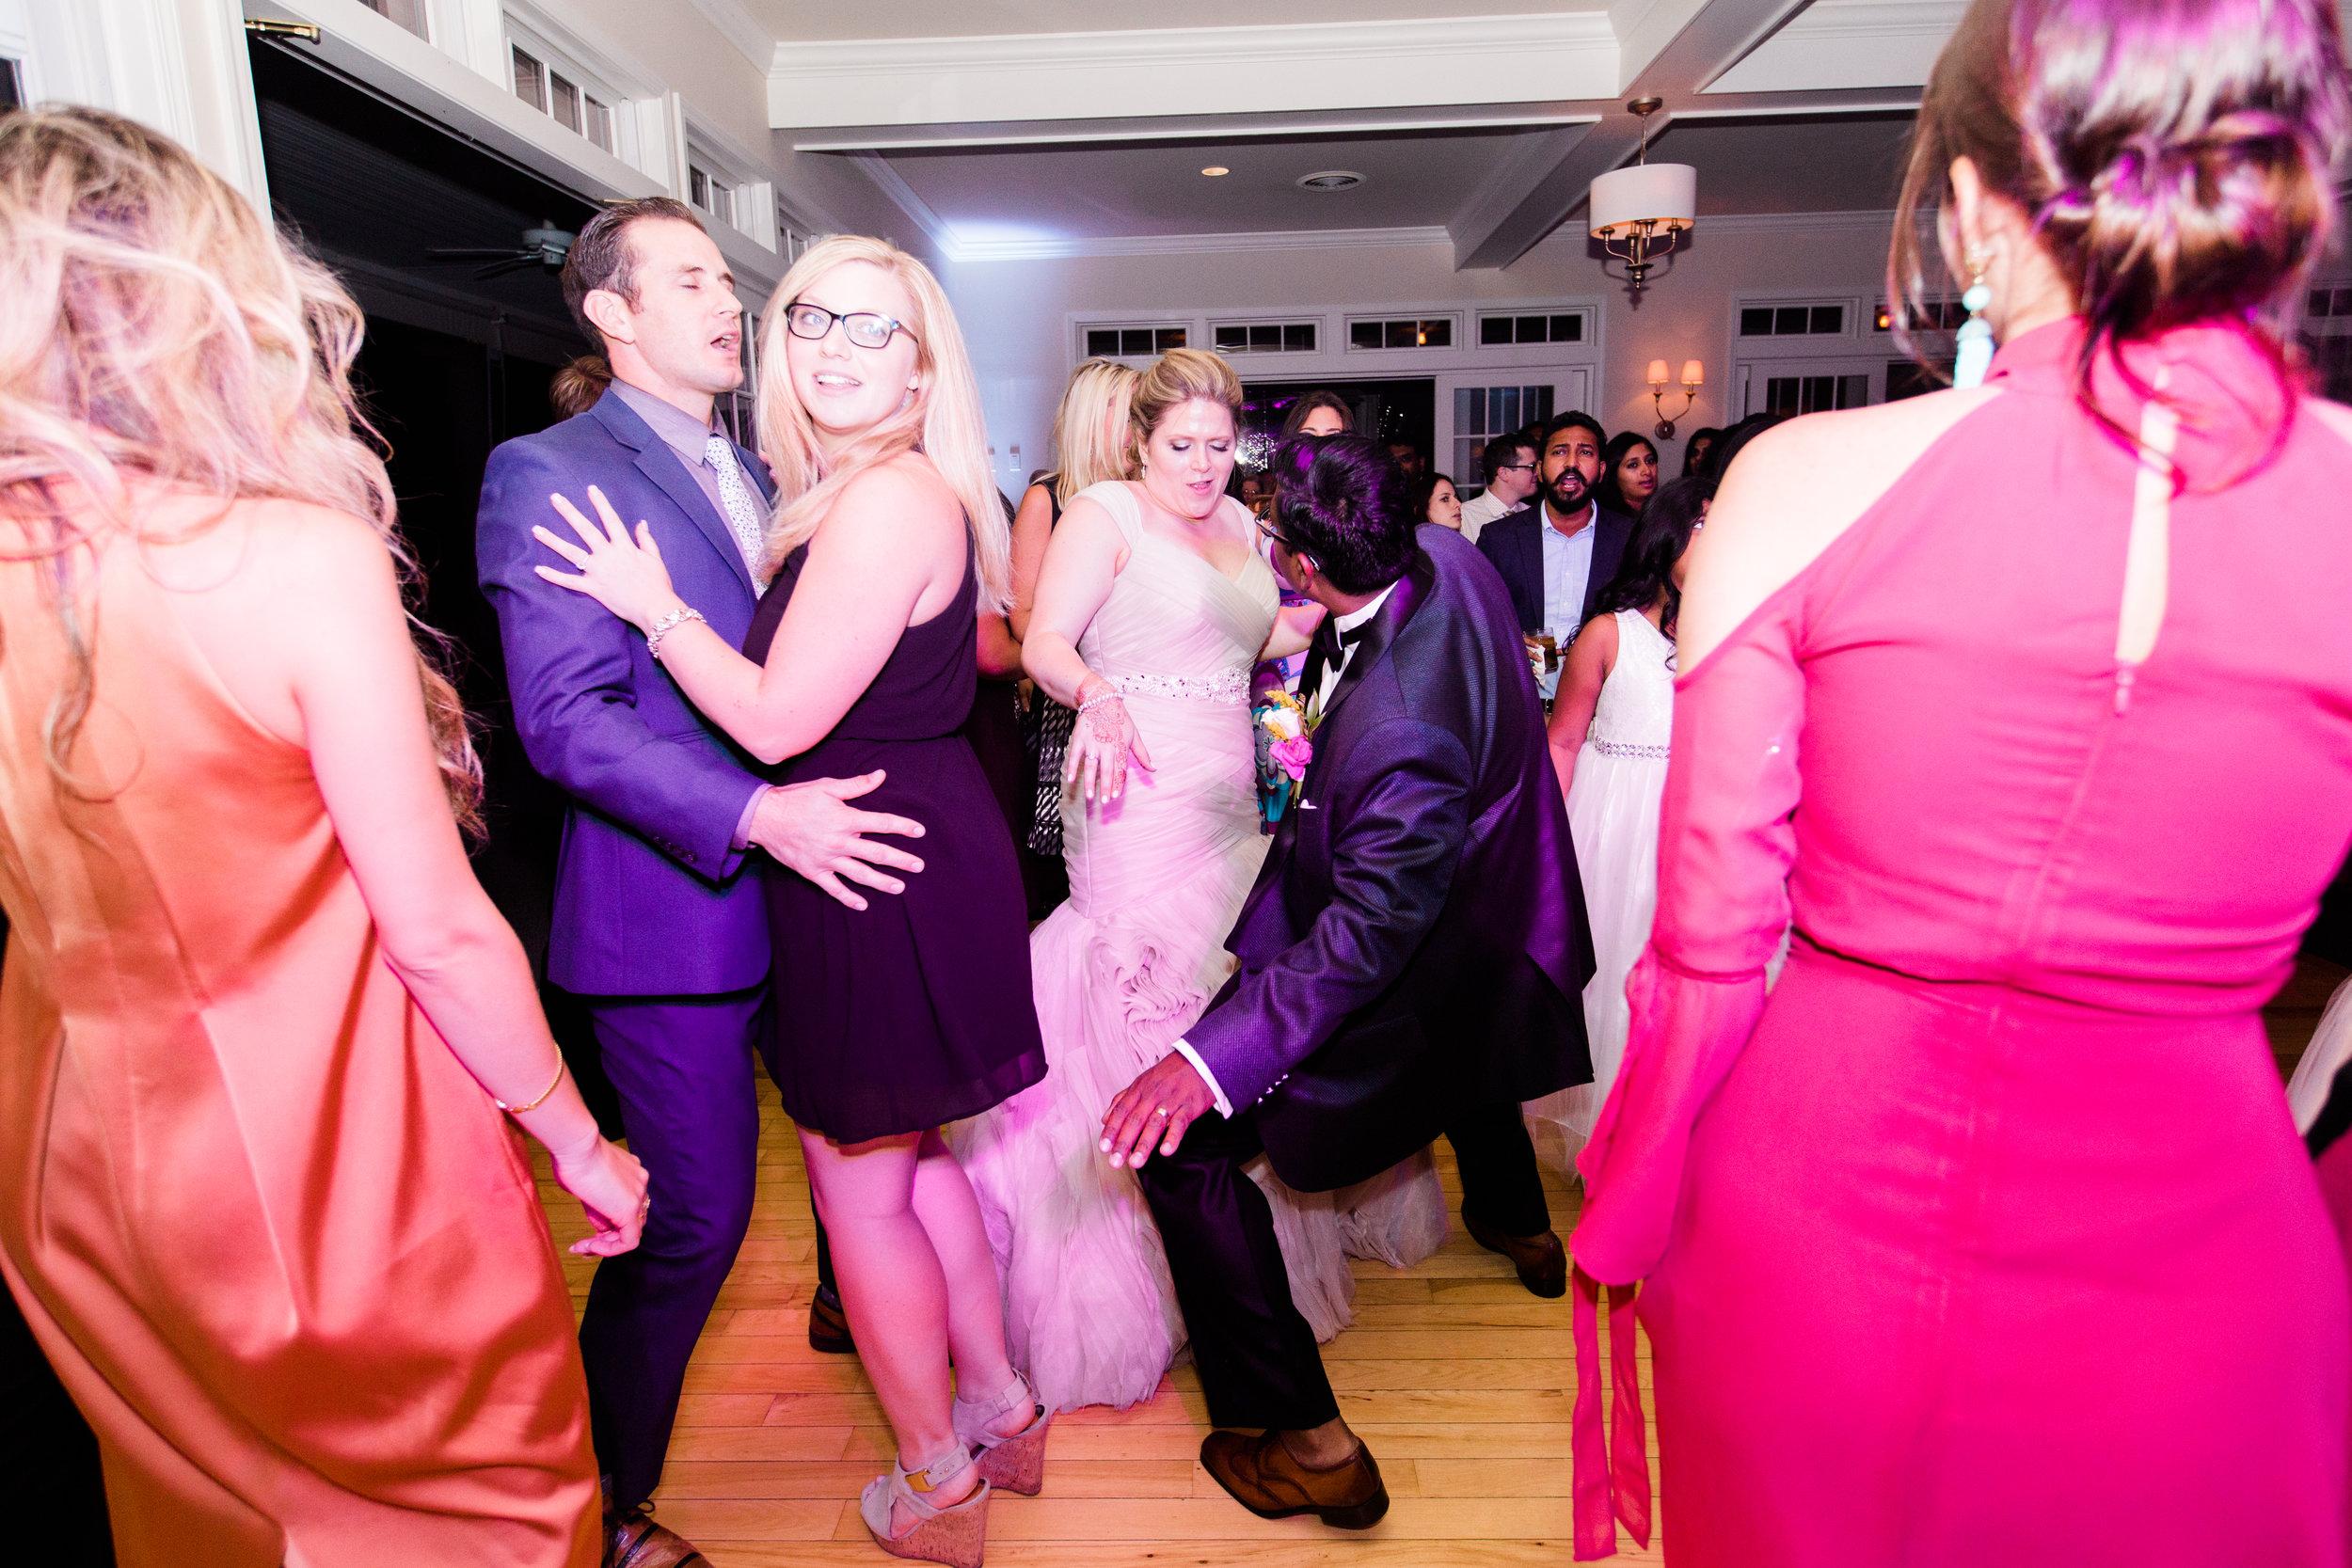 Govathoti+Wedding+Reception-49.jpg